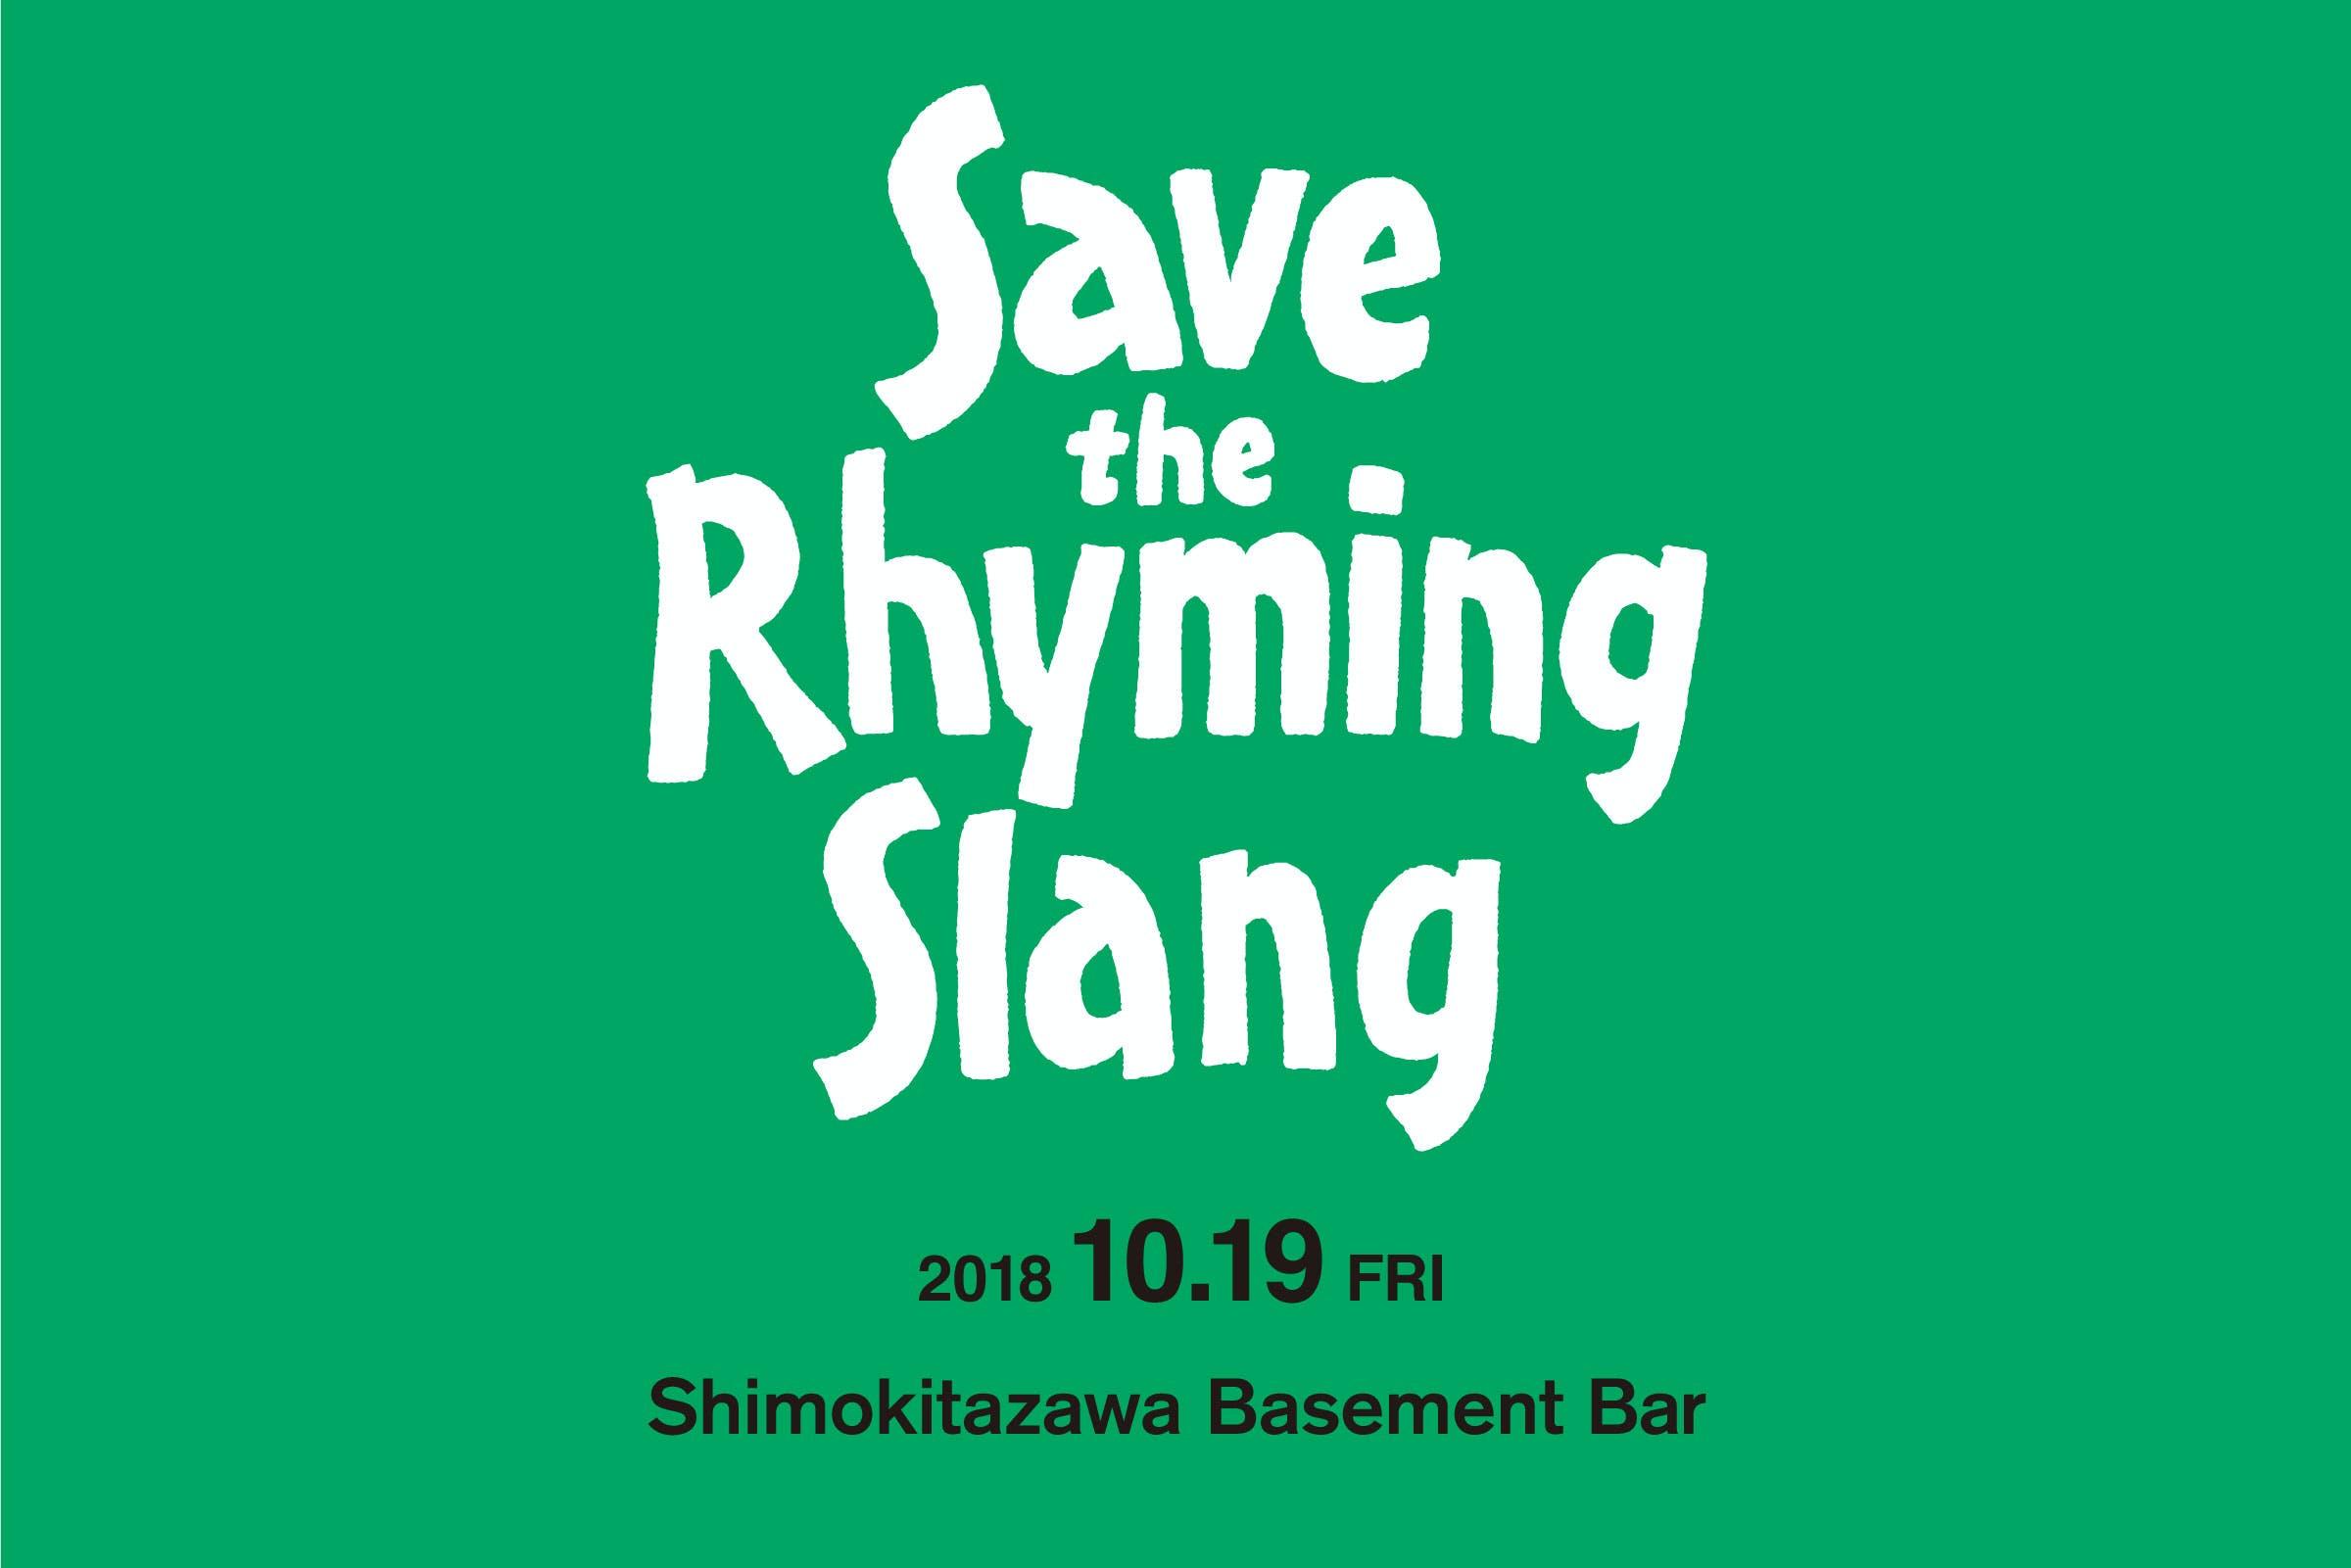 save the rhyming slang イベント救済企画を開催します campfire